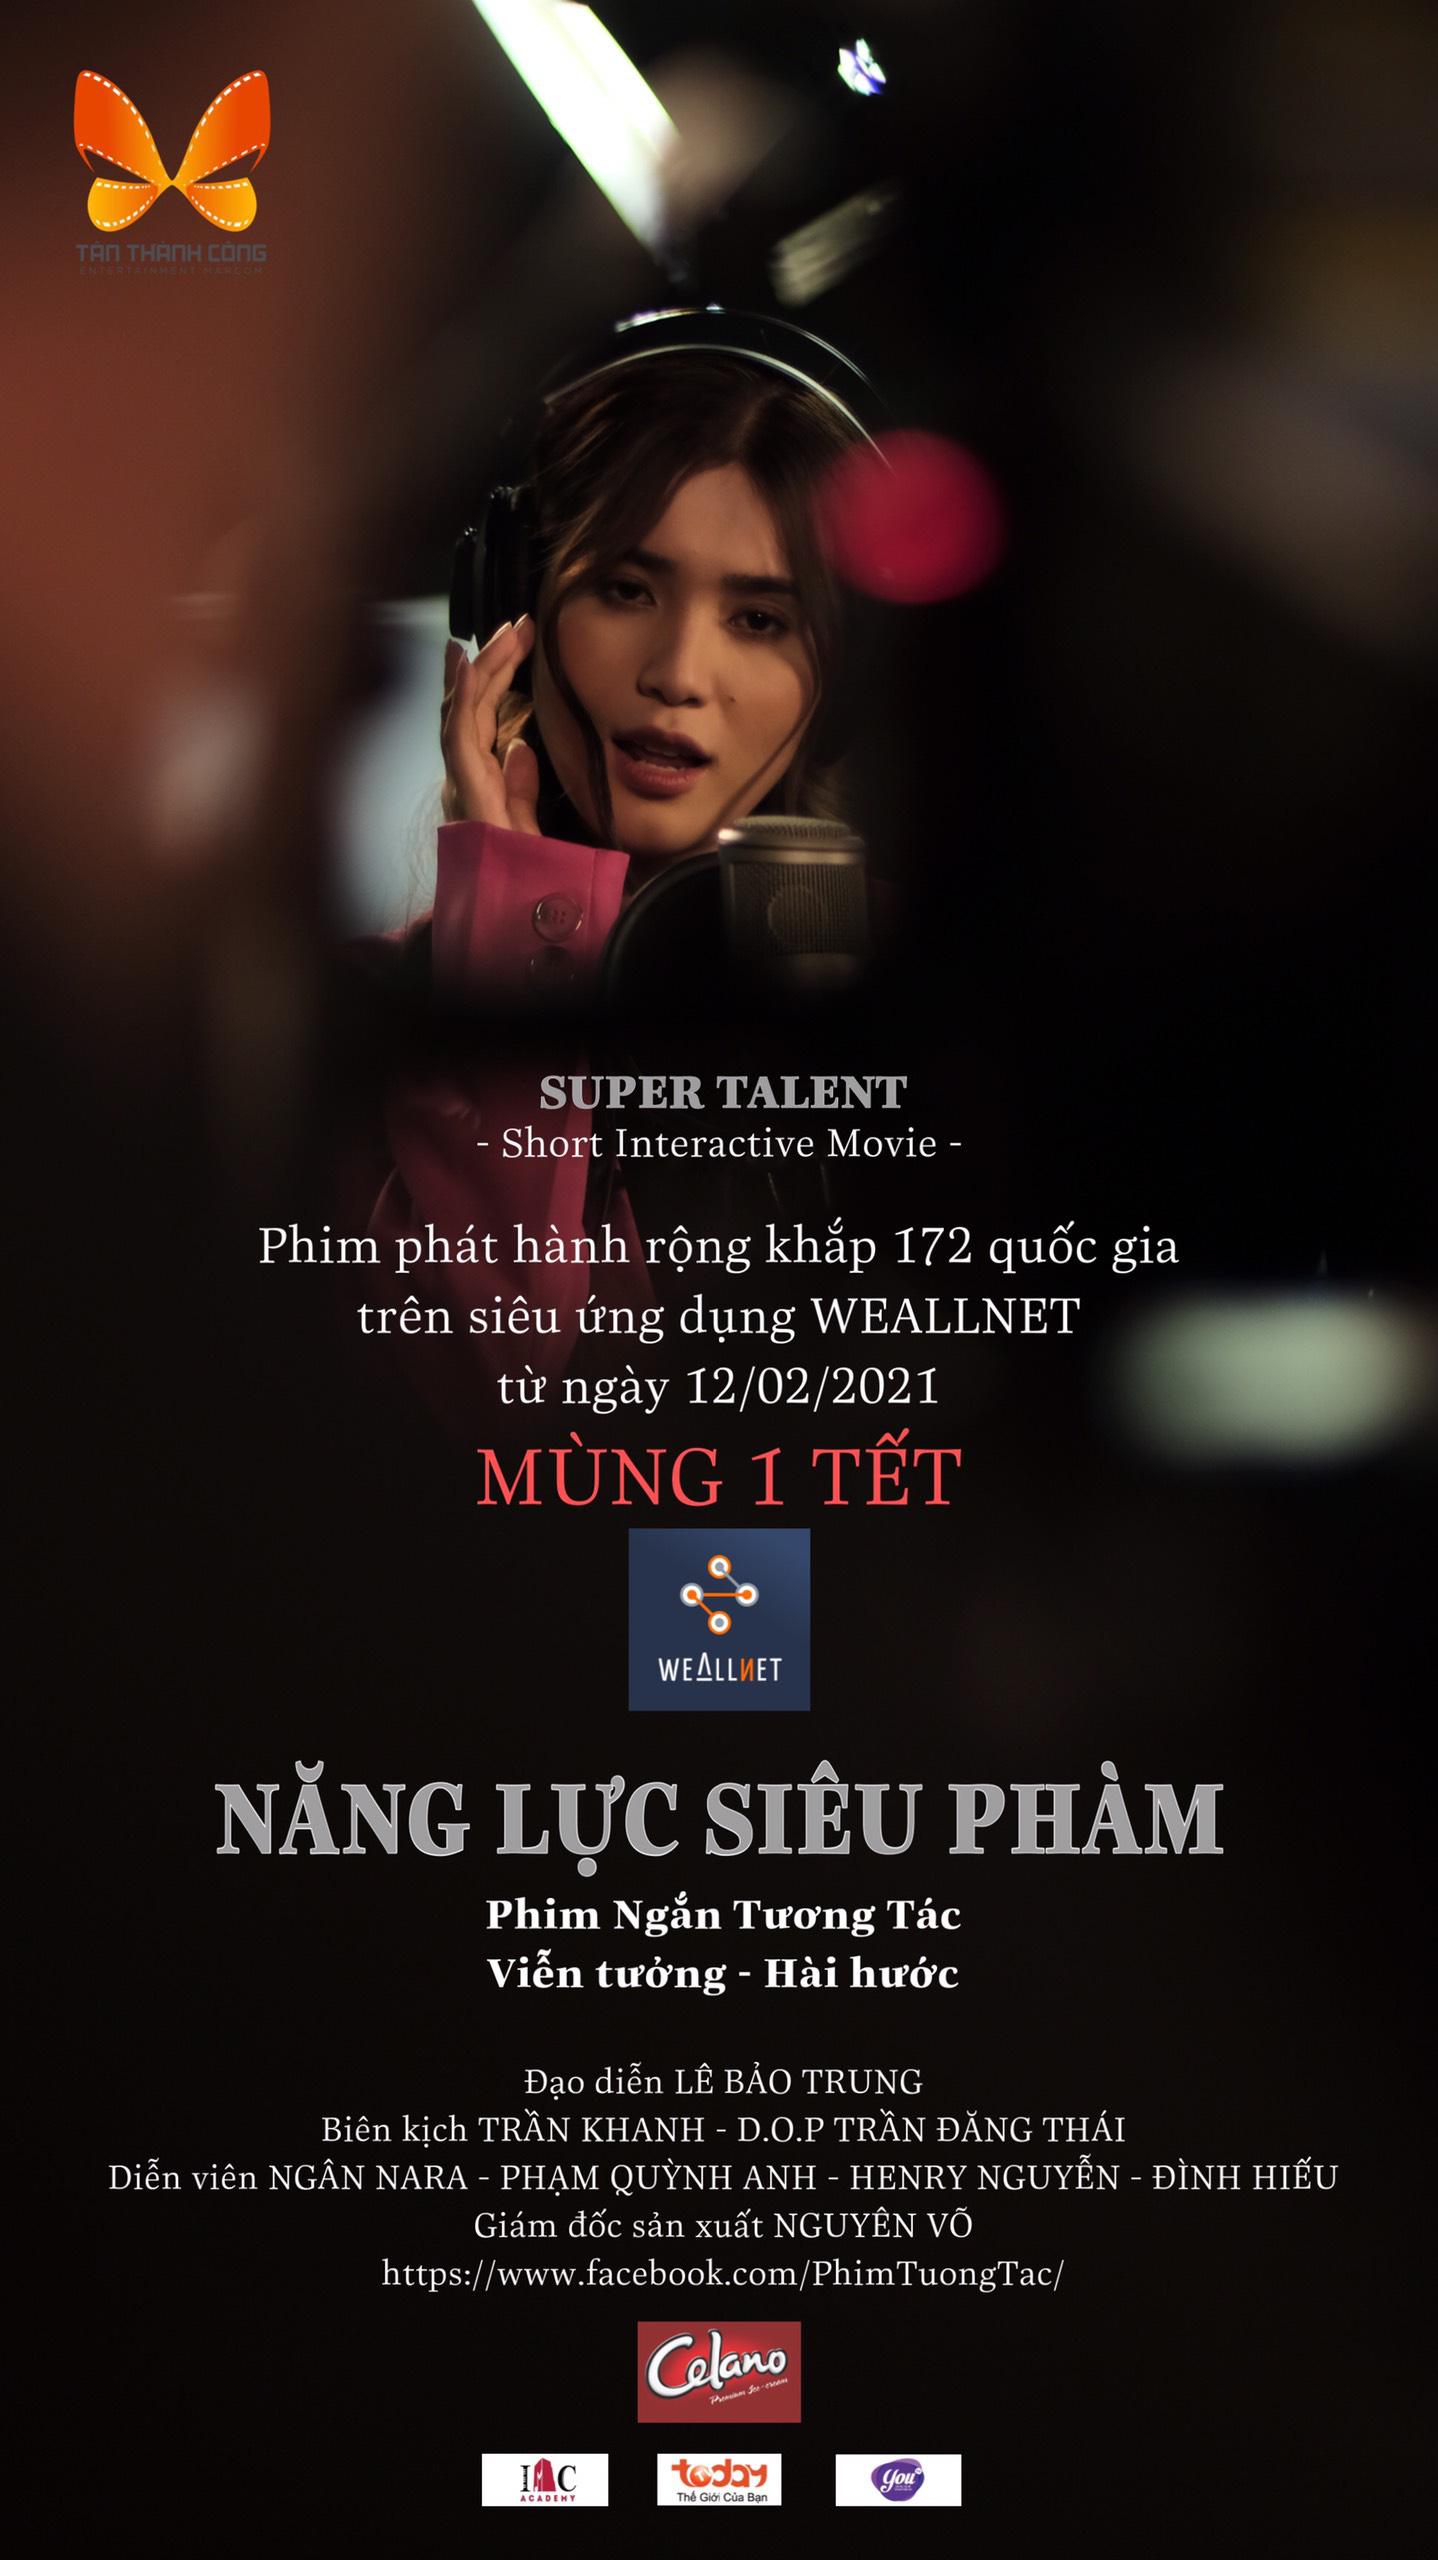 Phát hành phim ngắn tương tác tiên phong tại Việt Nam trên siêu ứng dụng (App) WEALLNET - Ảnh 1.